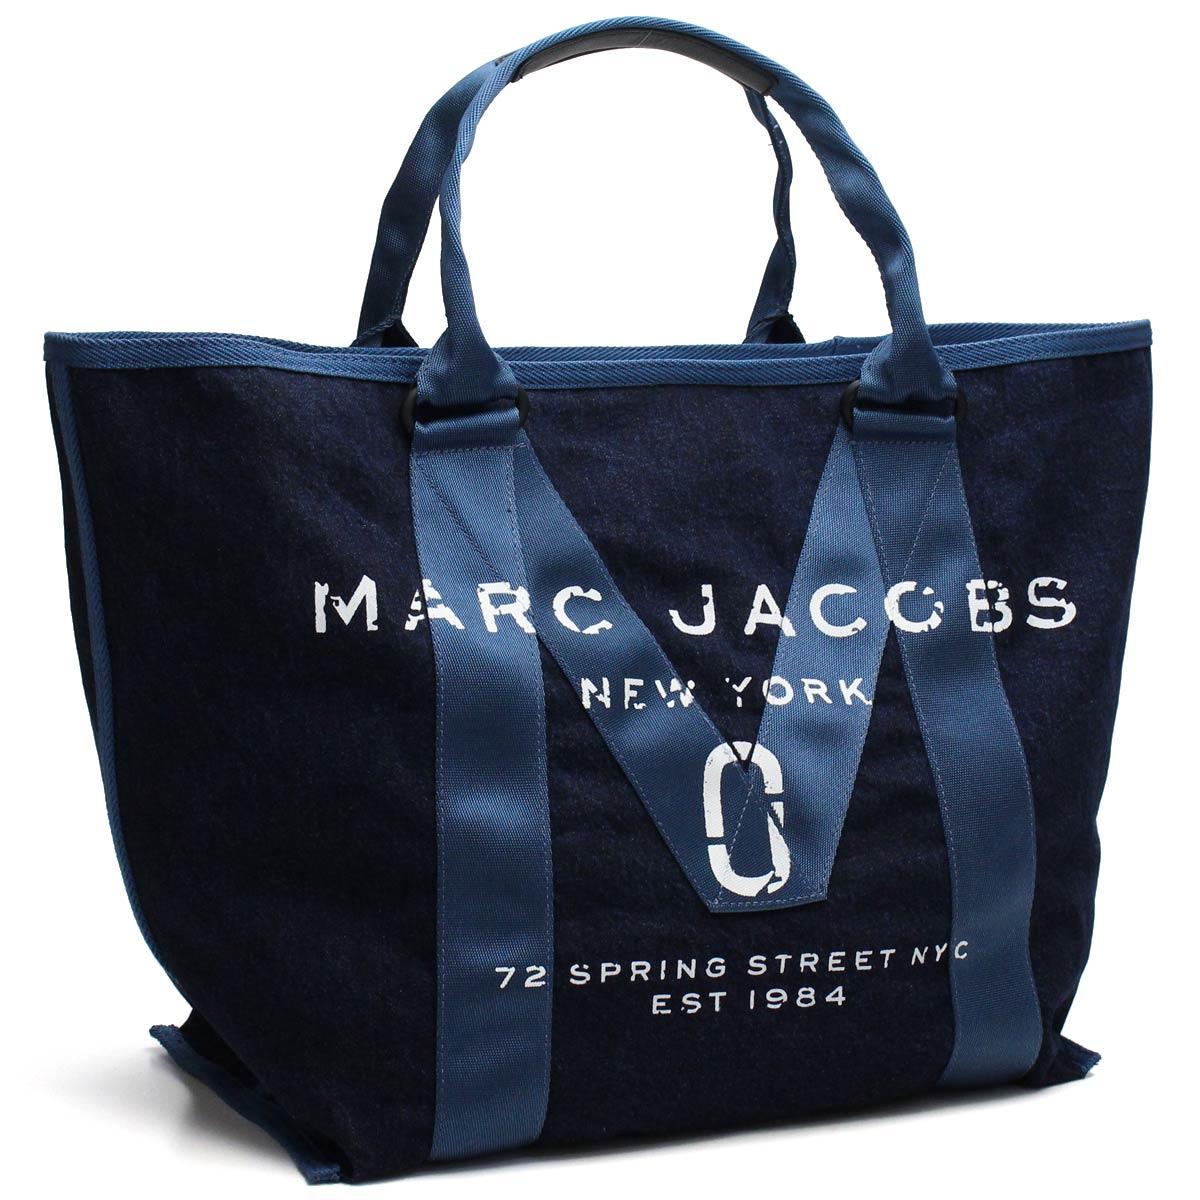 マーク ジェイコブス MARC JACOBS バッグ ニュー ロゴ トート トートバッグ M0011123 423 DENIM ブルー系 【レディース】